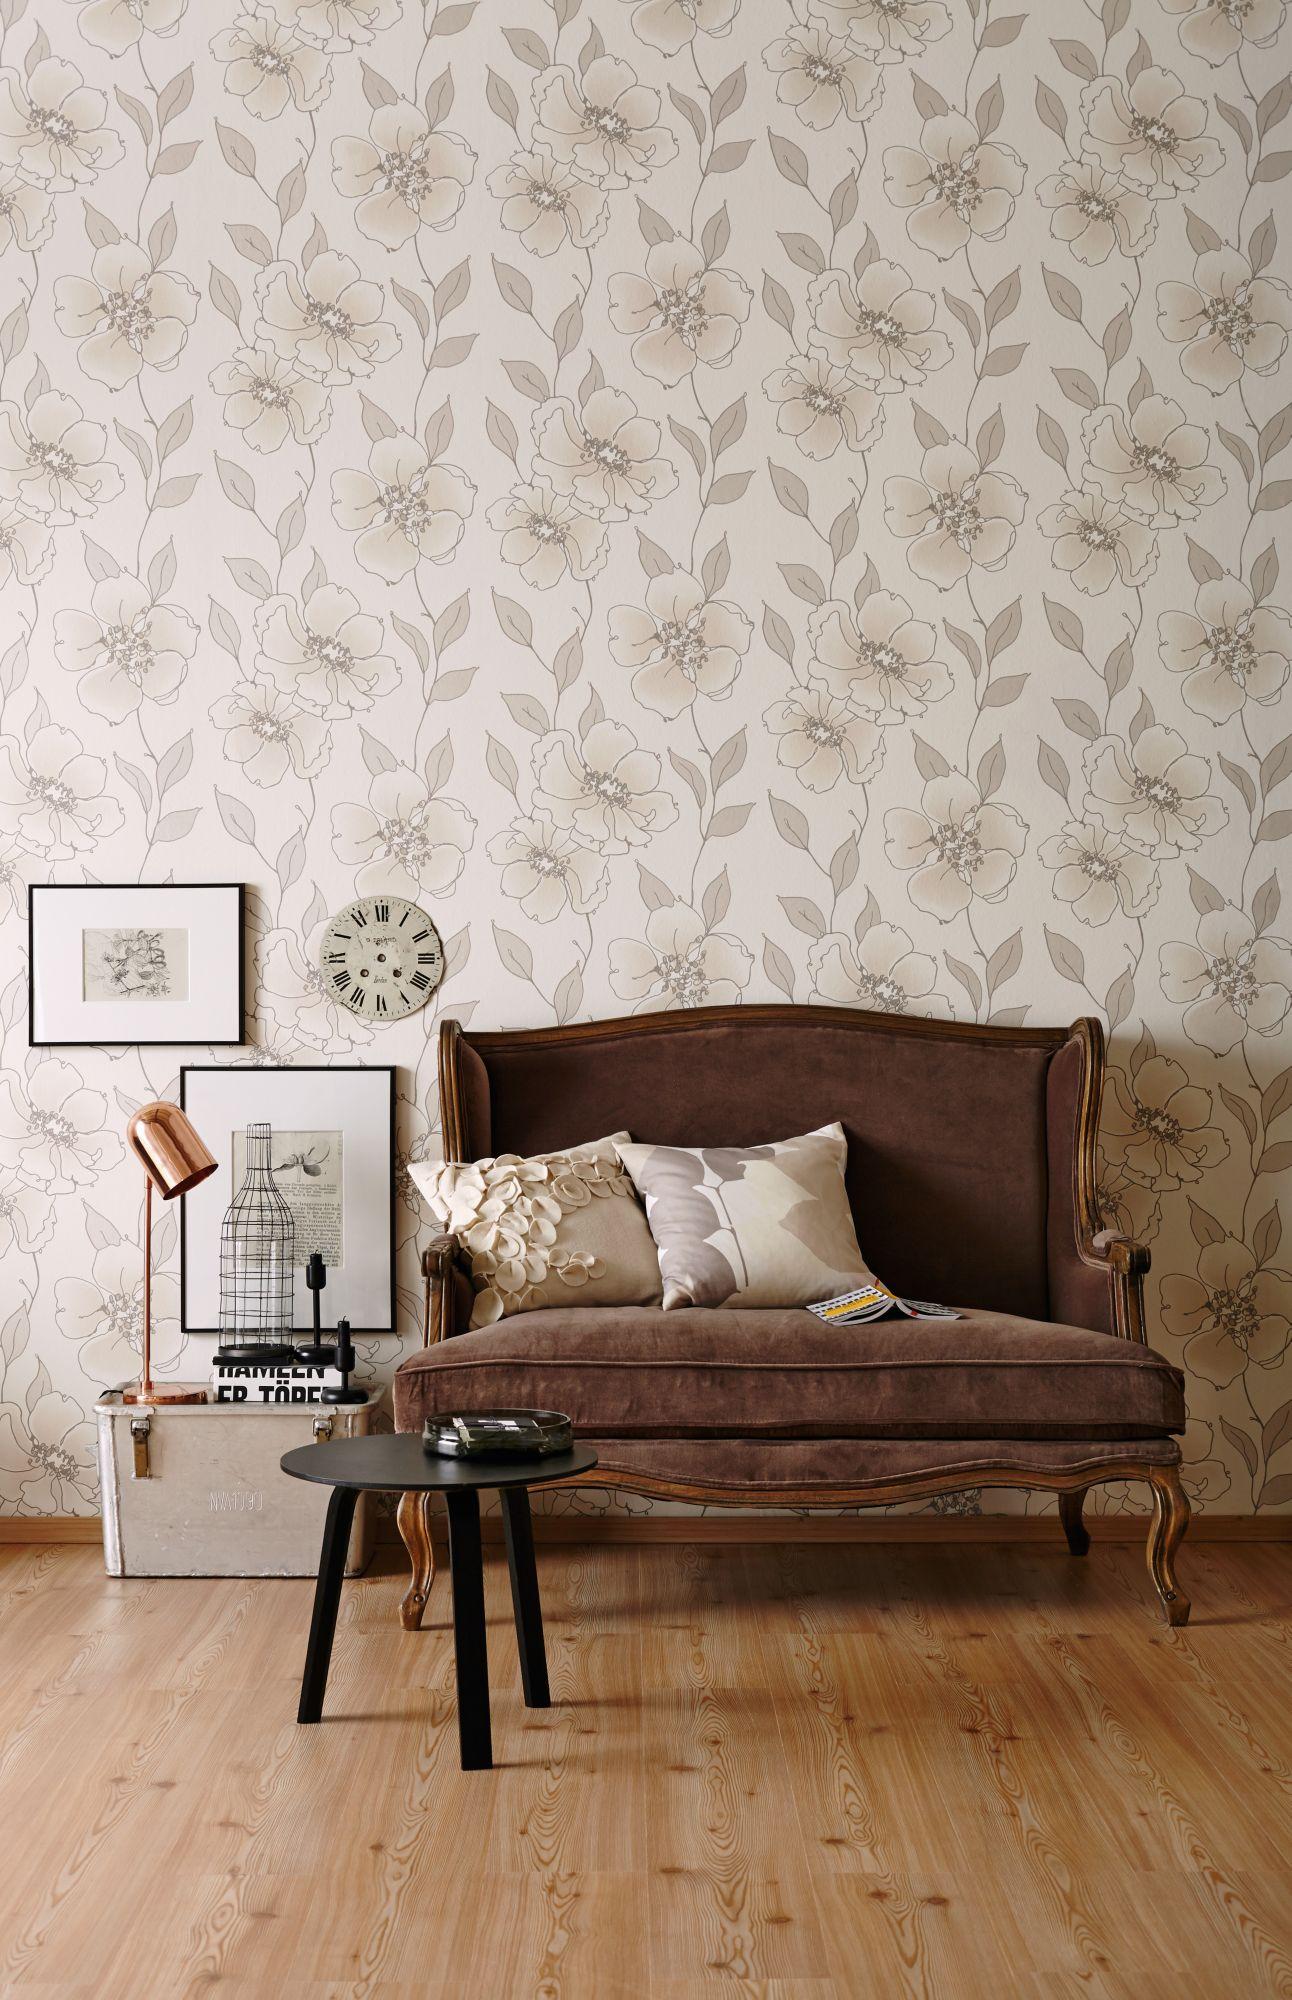 laminat sch ner wohnen kollektion tiroler l rche nachbildung schwab versand laminat. Black Bedroom Furniture Sets. Home Design Ideas